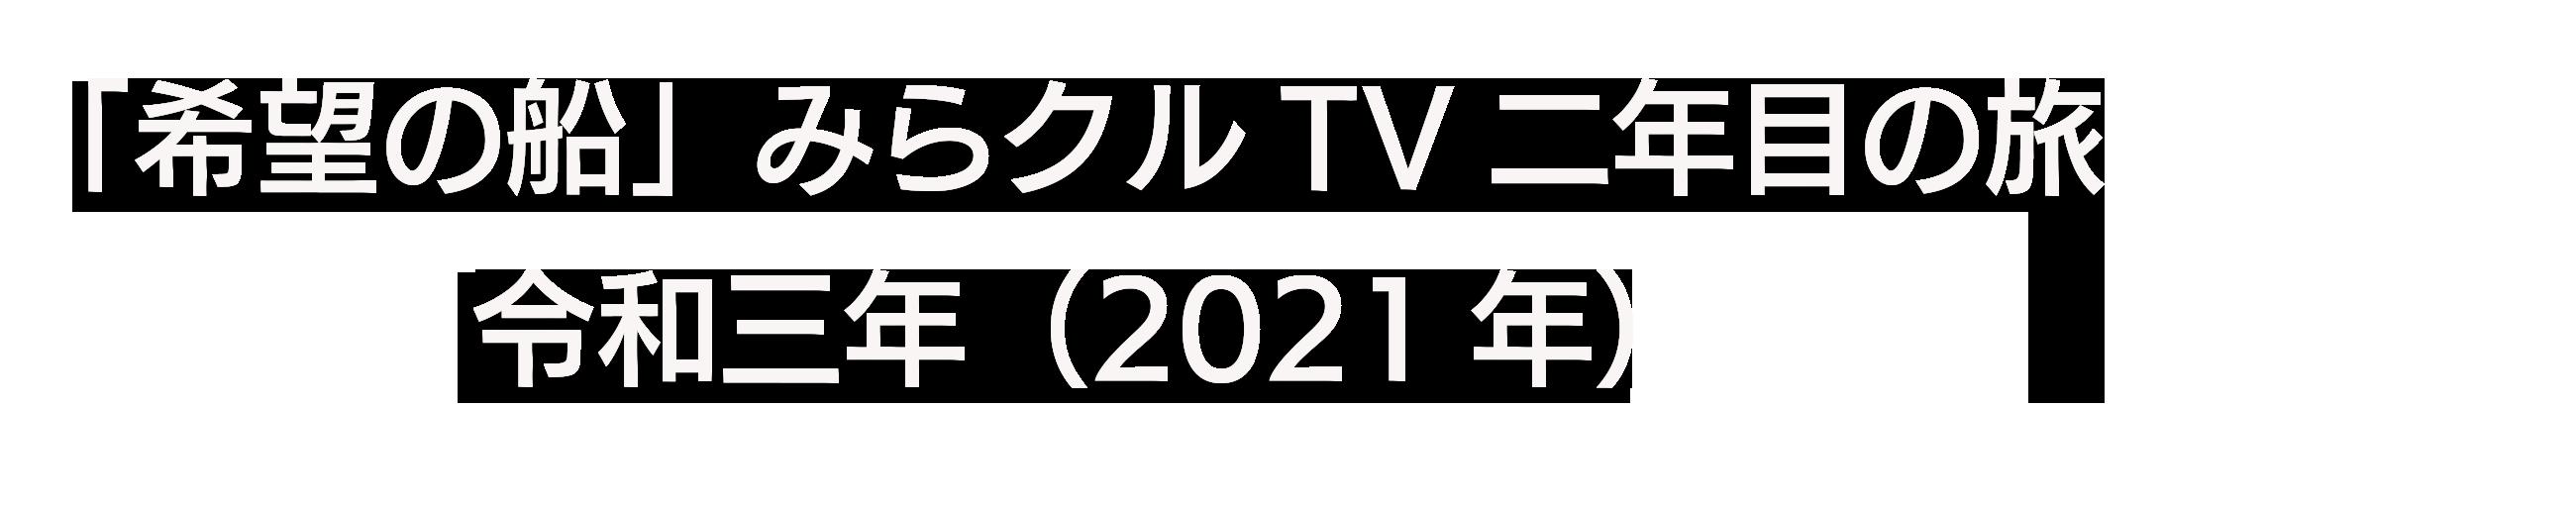 みらクルTV 公式サイト